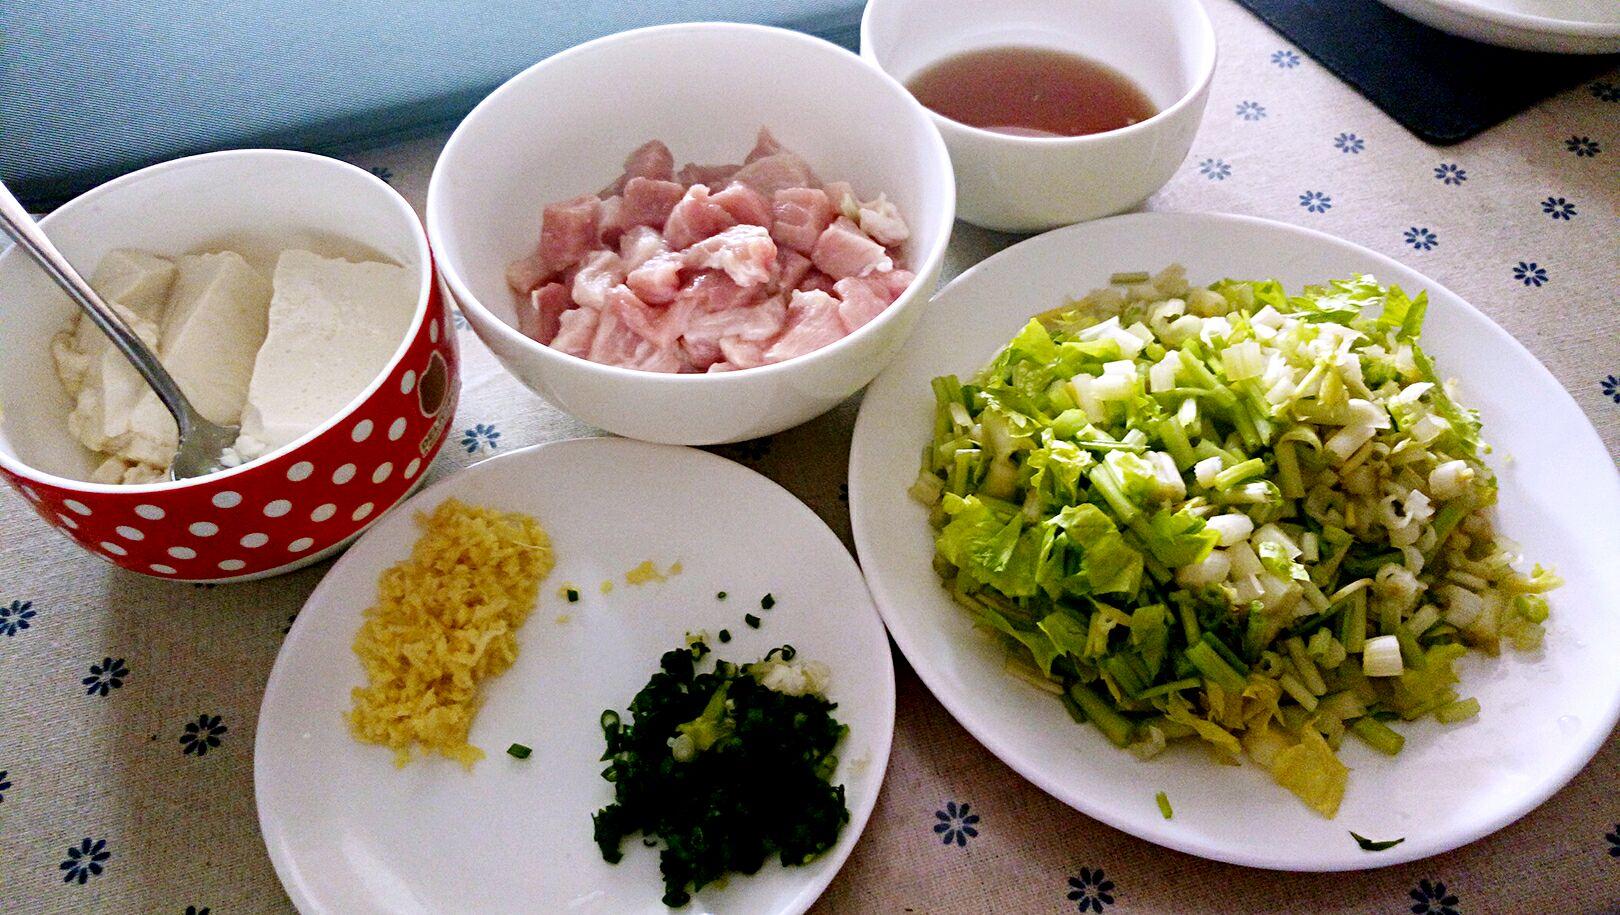 芹菜馅饺子的做法图解1